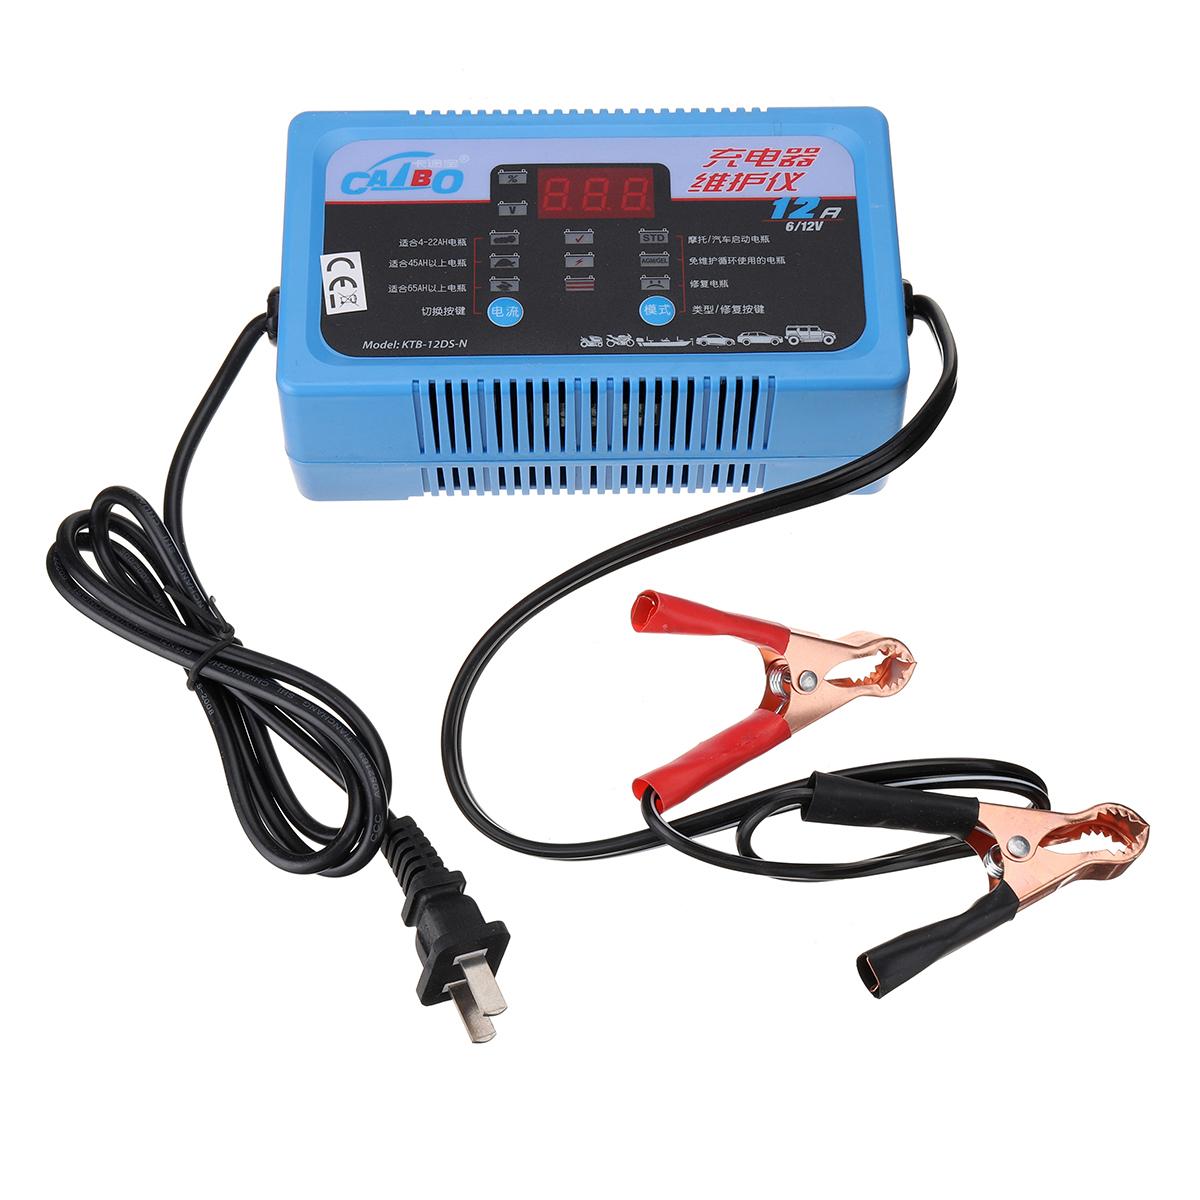 MOTOPOWER MP00207A 12V 2Amp Chargeur de batterie automatique intelligent Maintainer pour les deux batteries au plomb et les batteries au lithium-ion